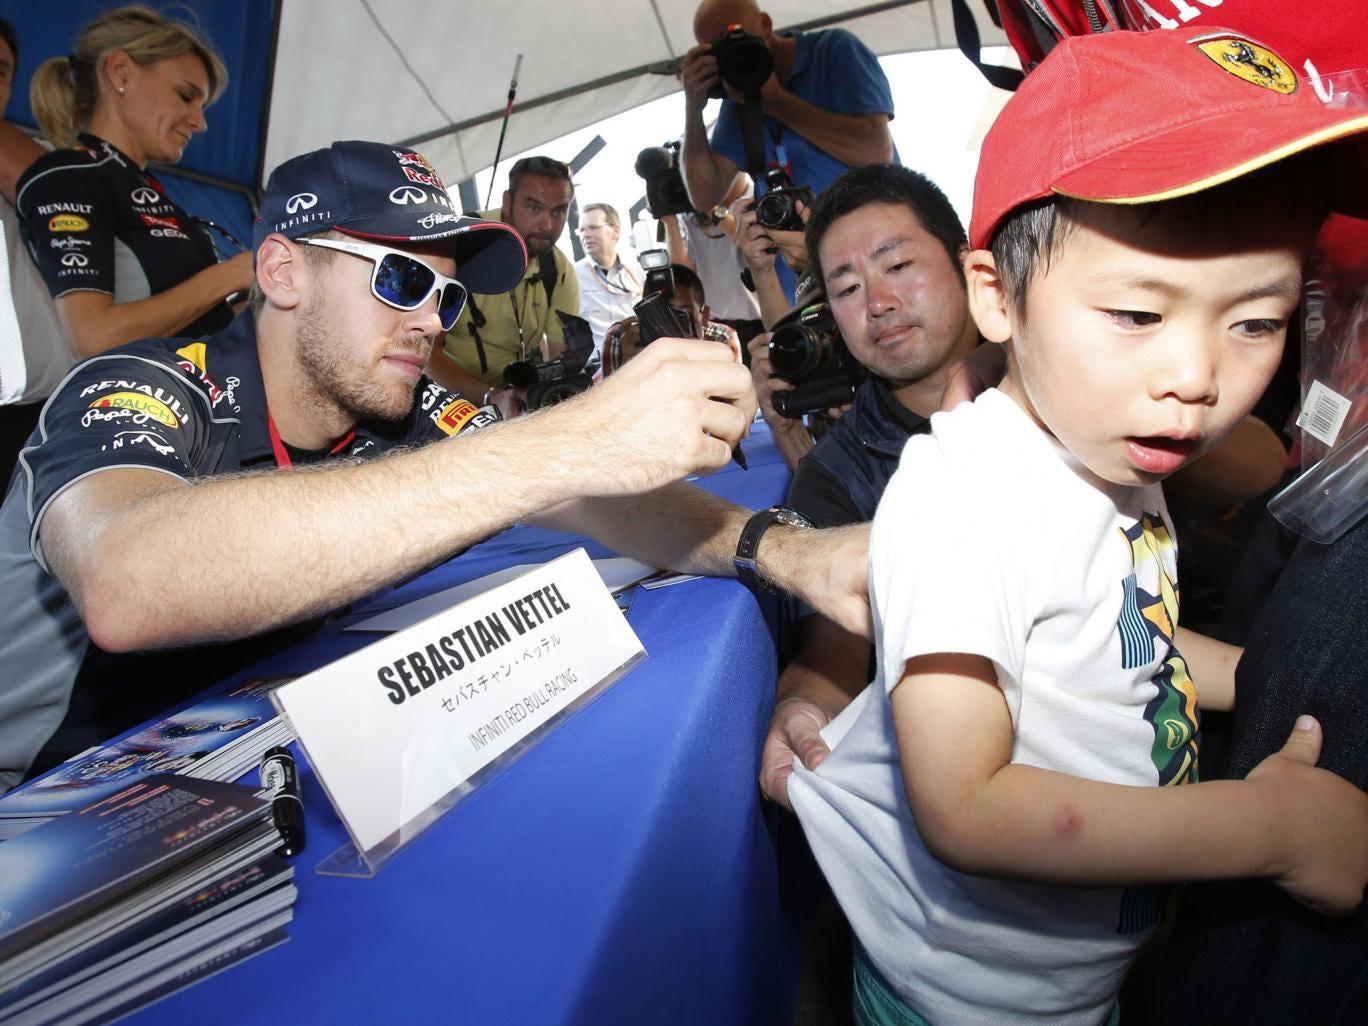 Sebastian Vettel signs autographs for fans at Suzuka